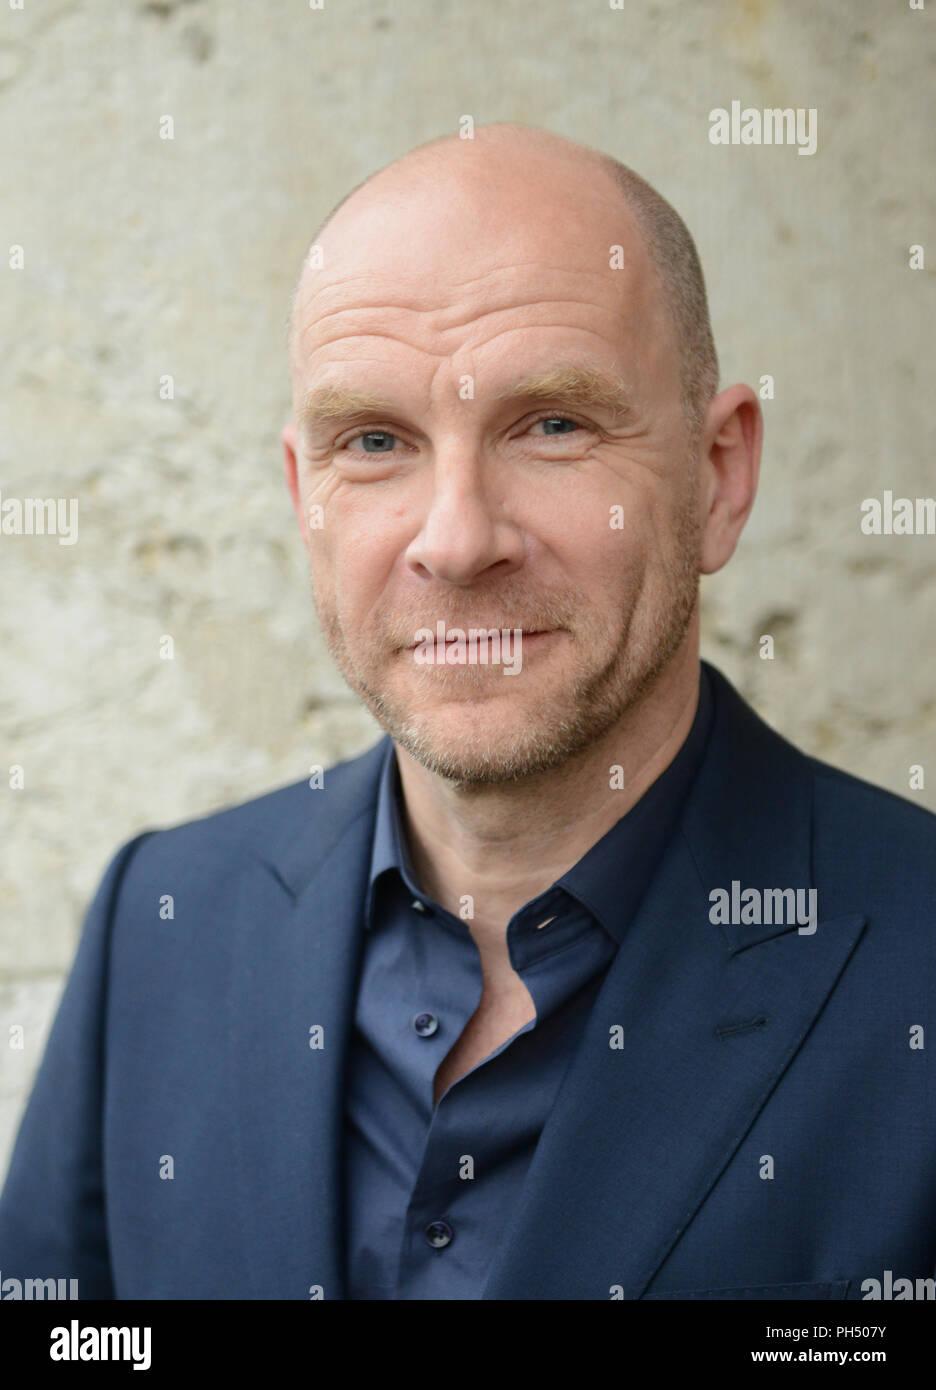 Actor Götz Schuberth shot at Filmfest München 2014 - Stock Image